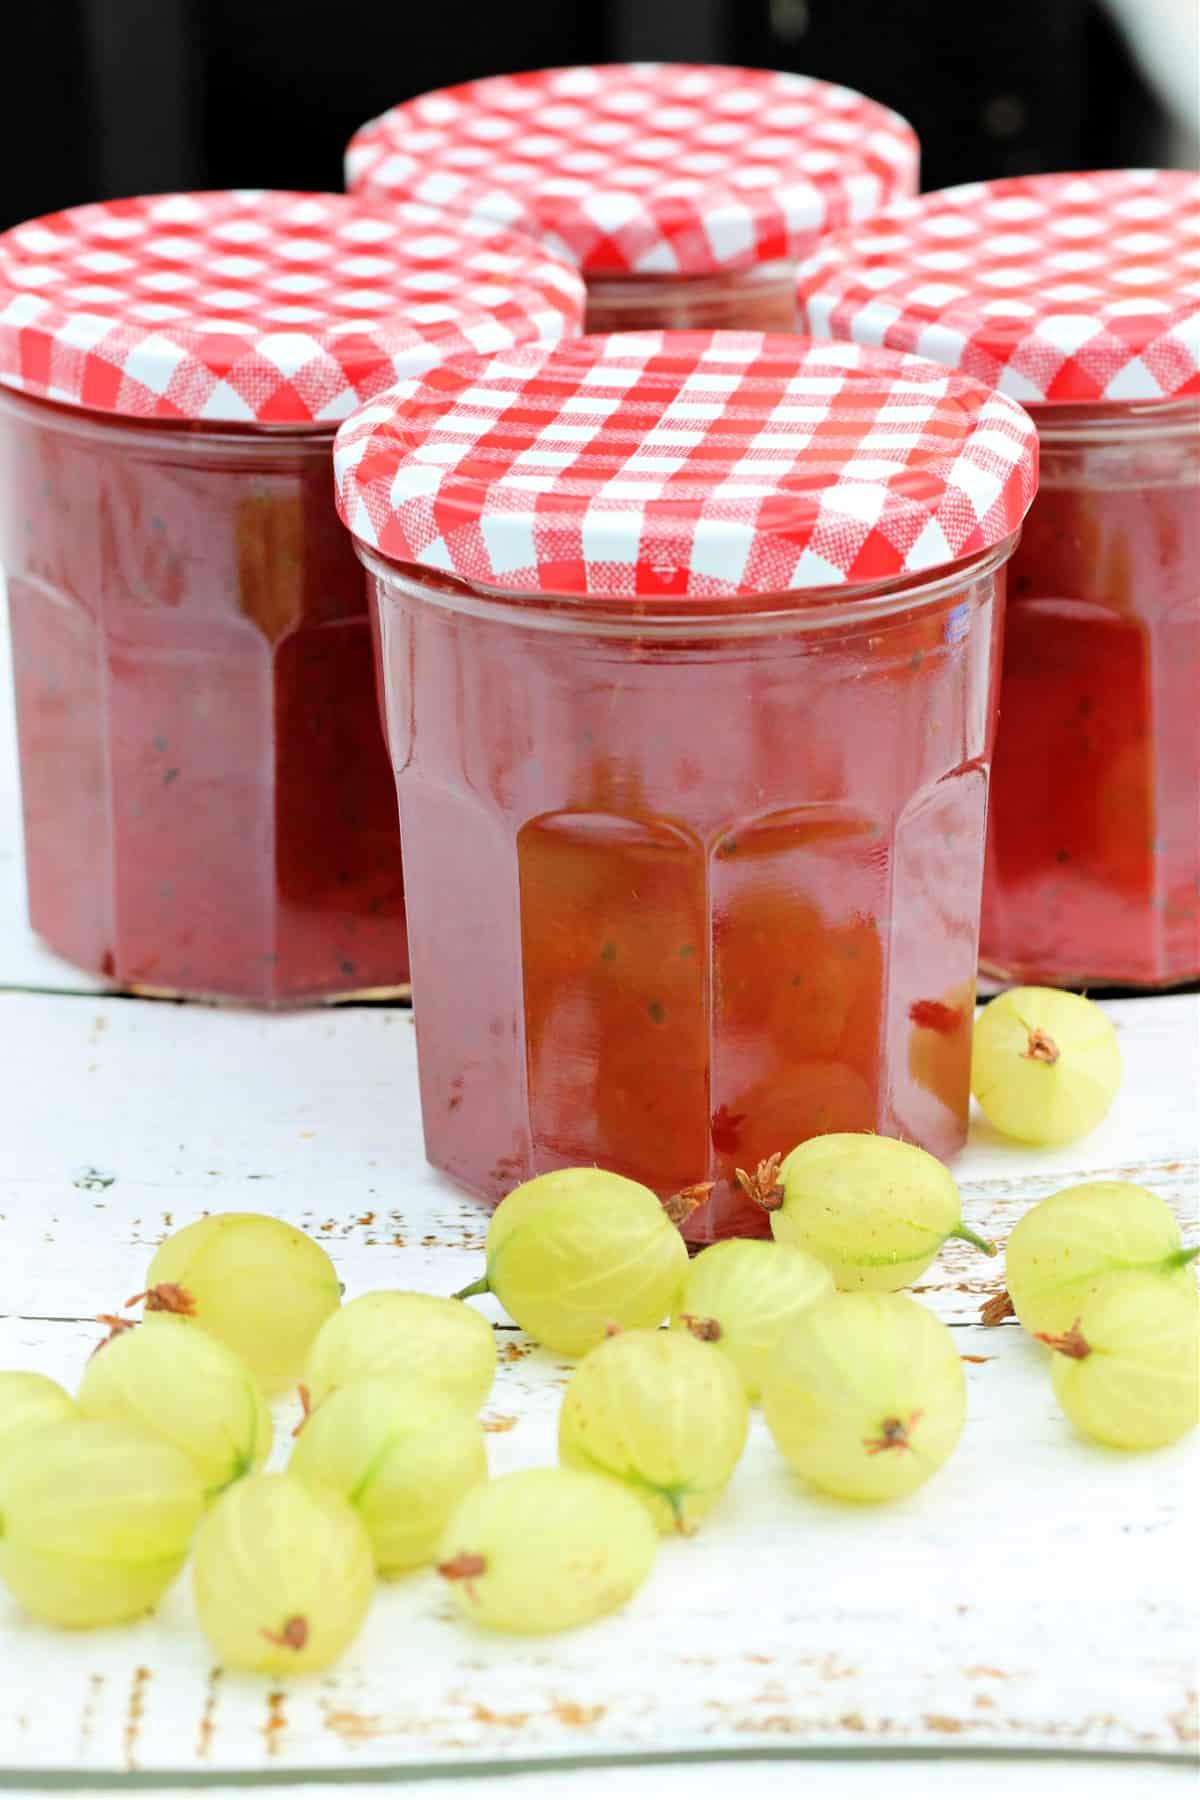 Jars of jam with gooseberries in front.